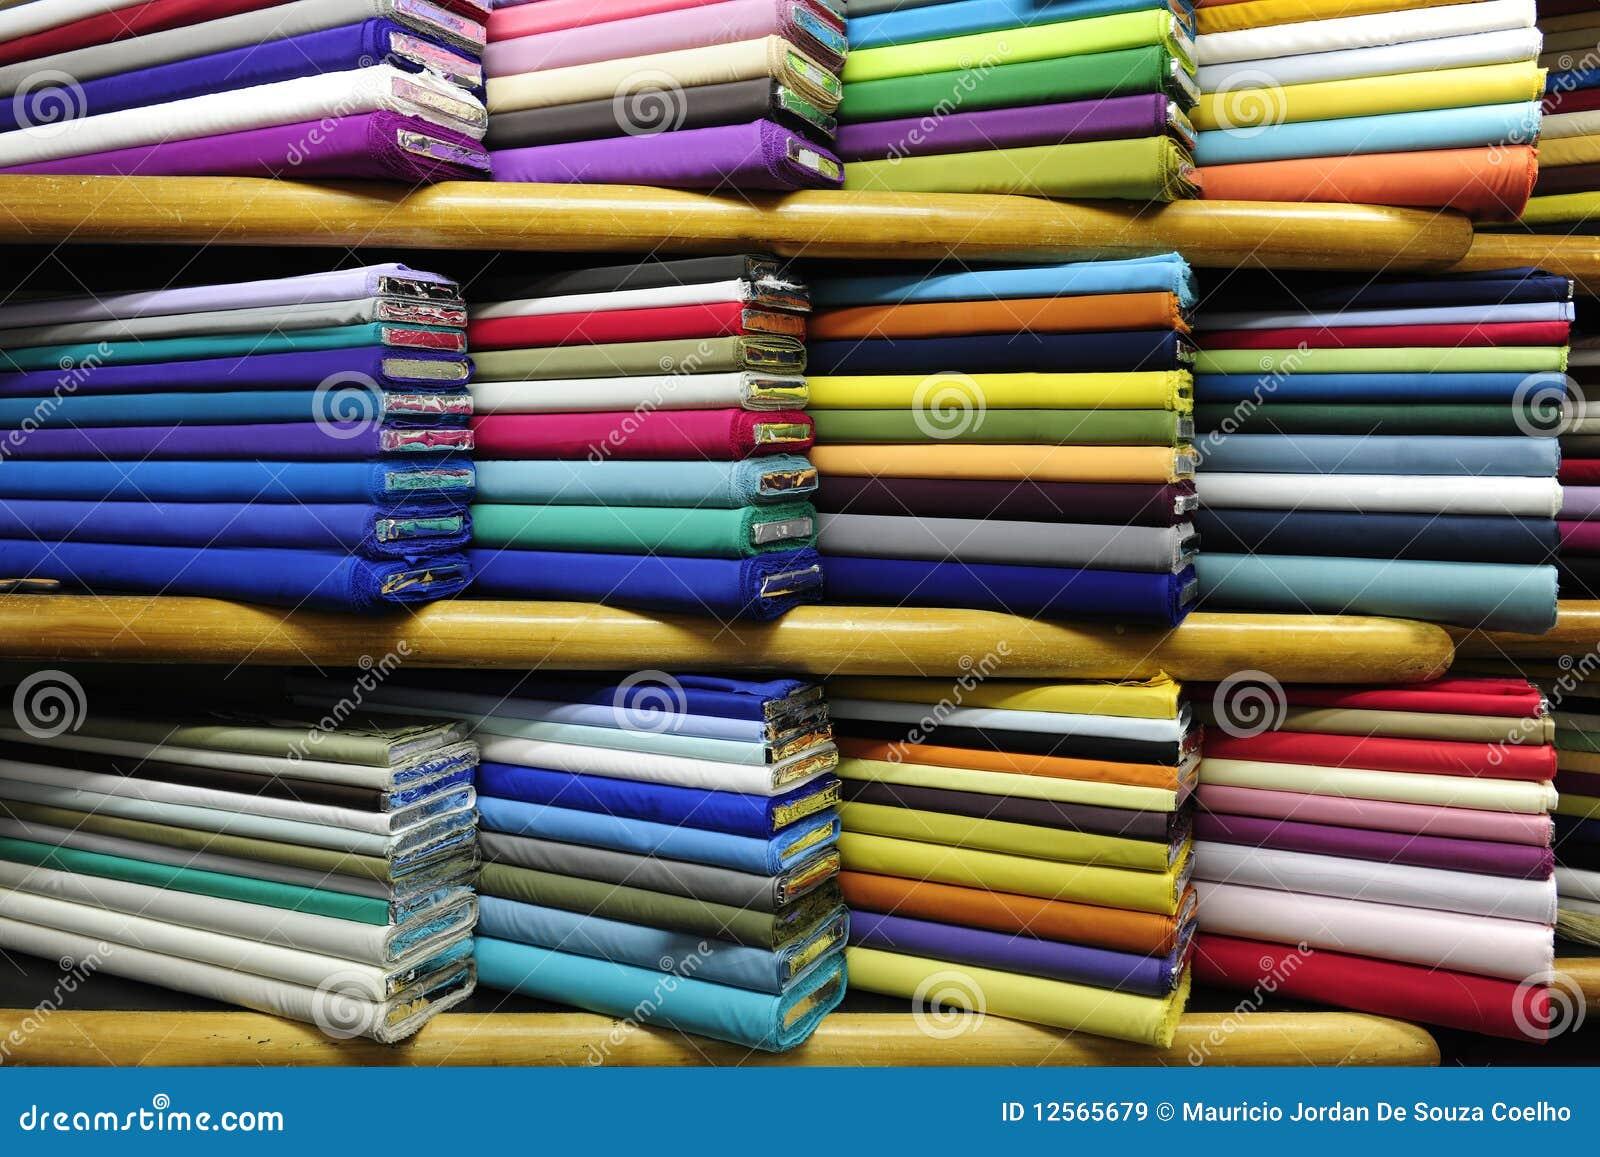 Tissus color s en vente - Tissus bohemes colores ...